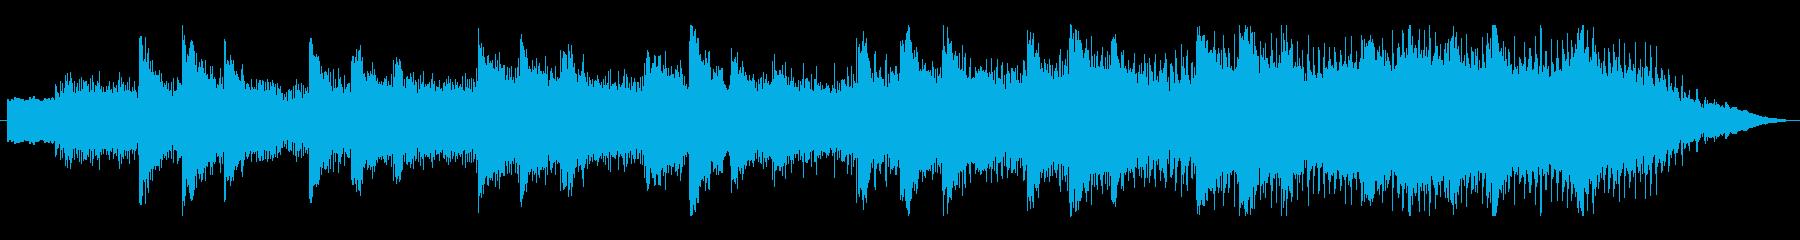 幻想的なしらべ自然が見えるBGMの再生済みの波形